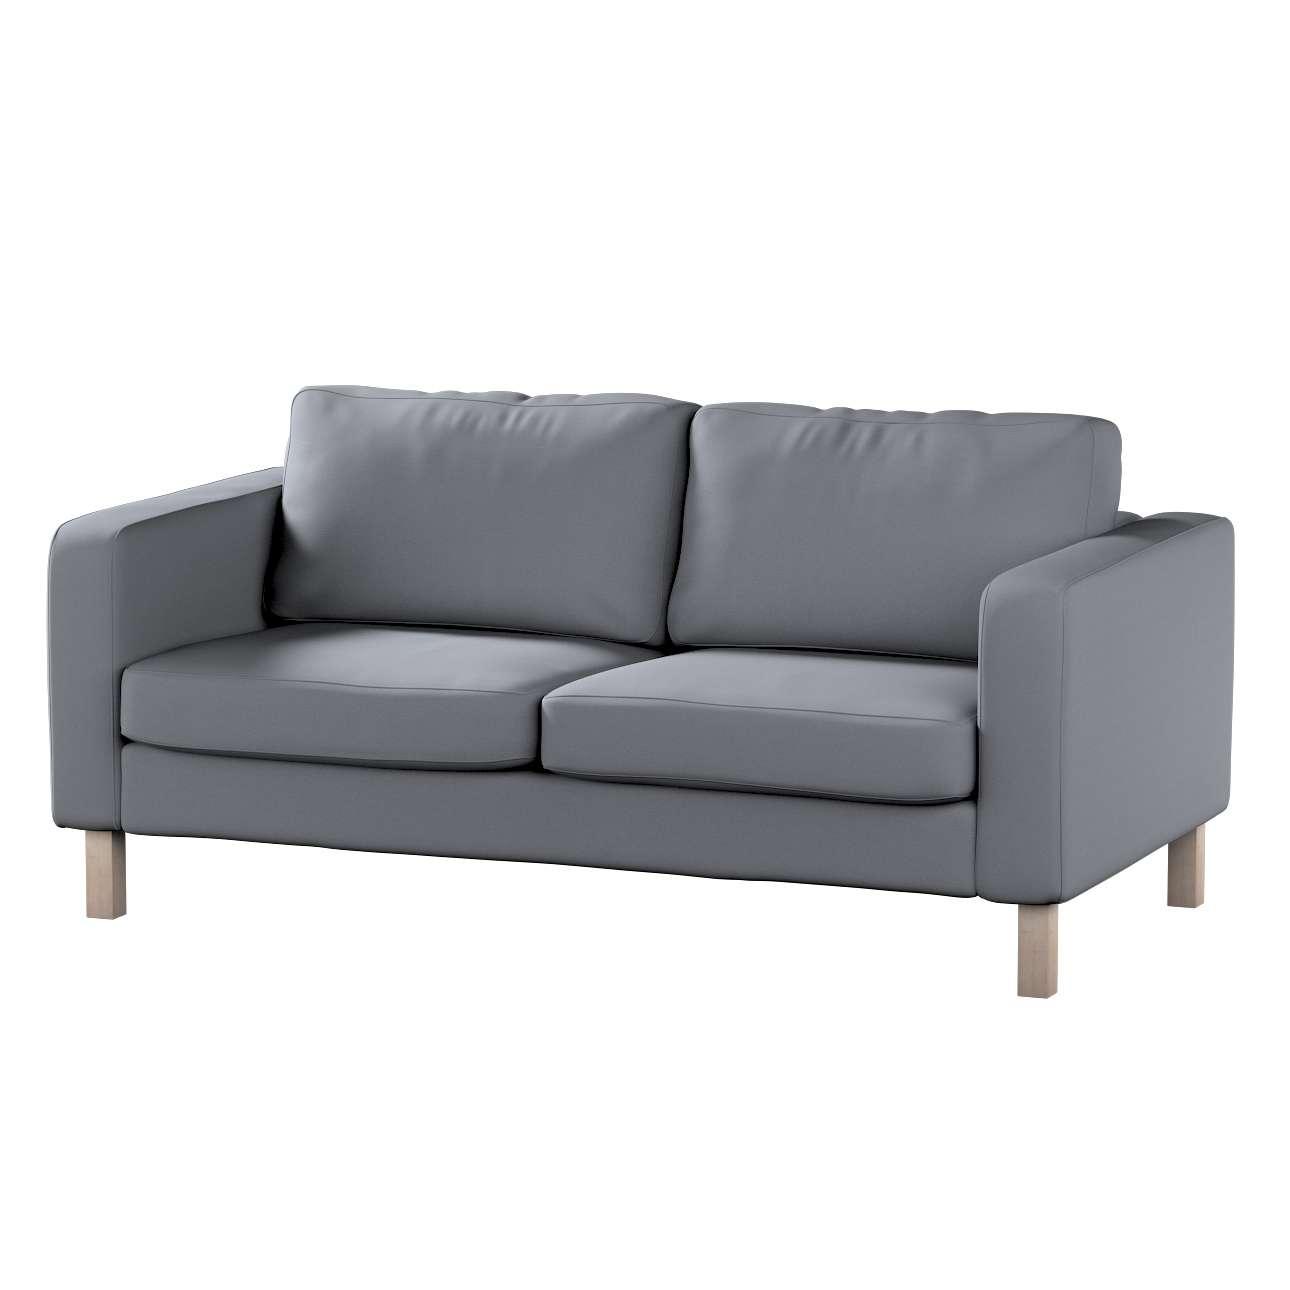 KARSLTAD dvivietės sofos užvalkalas Karlstad 2-vietės sofos užvalkalas kolekcijoje Cotton Panama, audinys: 702-07